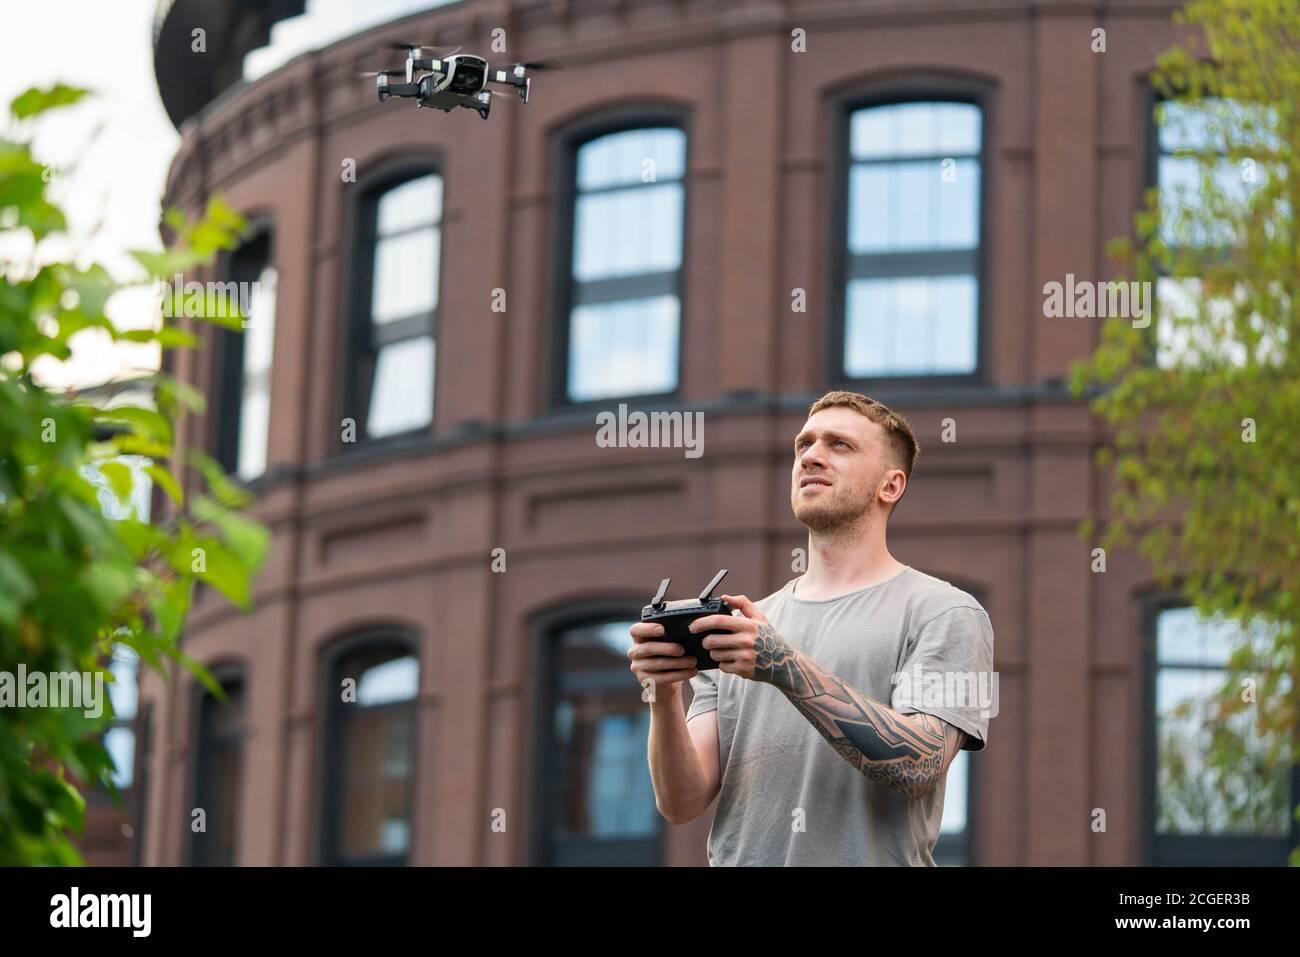 Attrayant tatoué homme de lancement de Drone Quadcopter et le regardant. Le bâtiment rouge élégant est situé en arrière-plan. Appareil moderne Banque D'Images